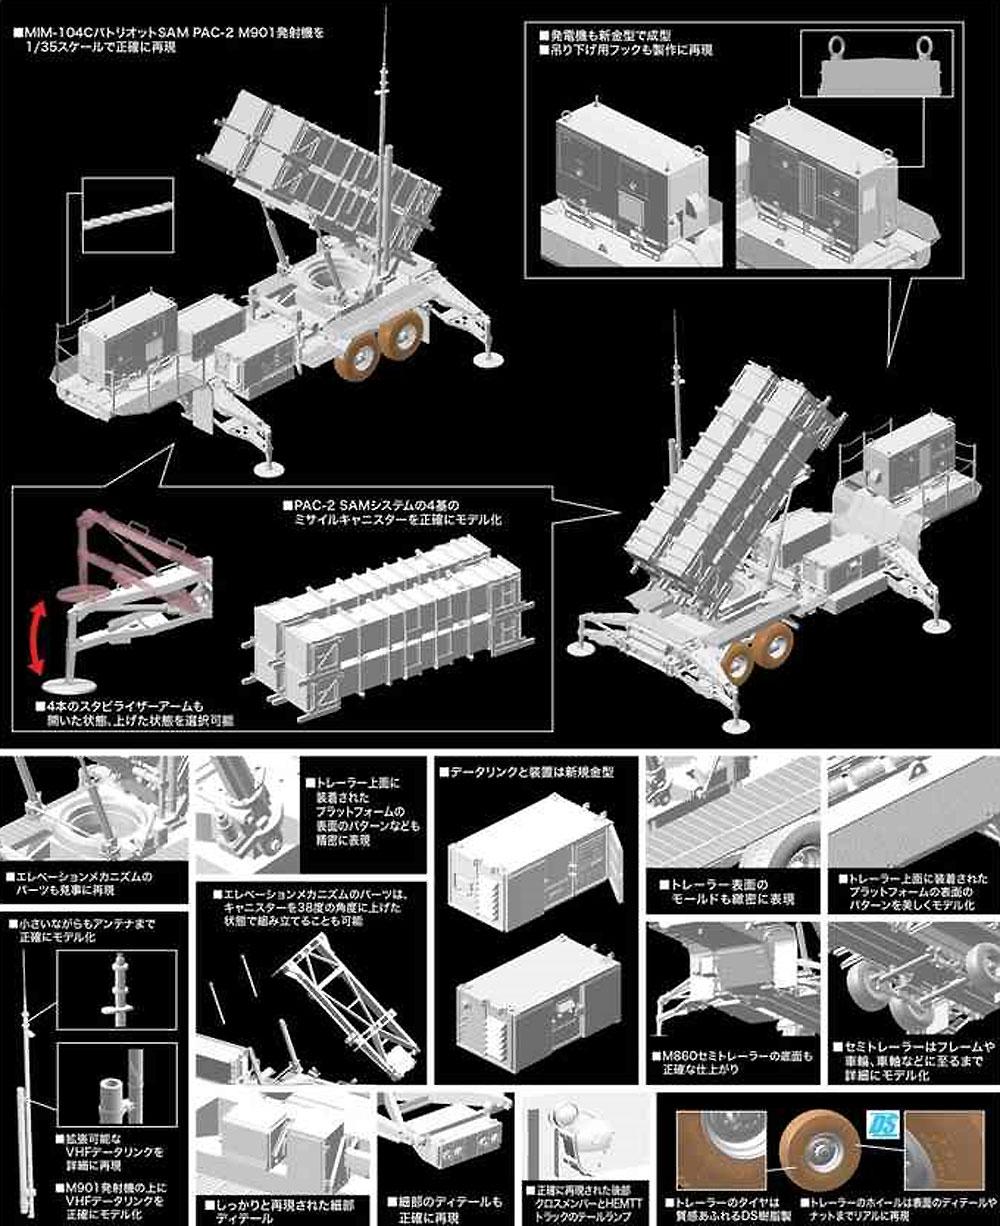 MIM-104C パトリオット (PAC-2)プラモデル(ドラゴン1/35 BLACK LABELNo.3604)商品画像_2